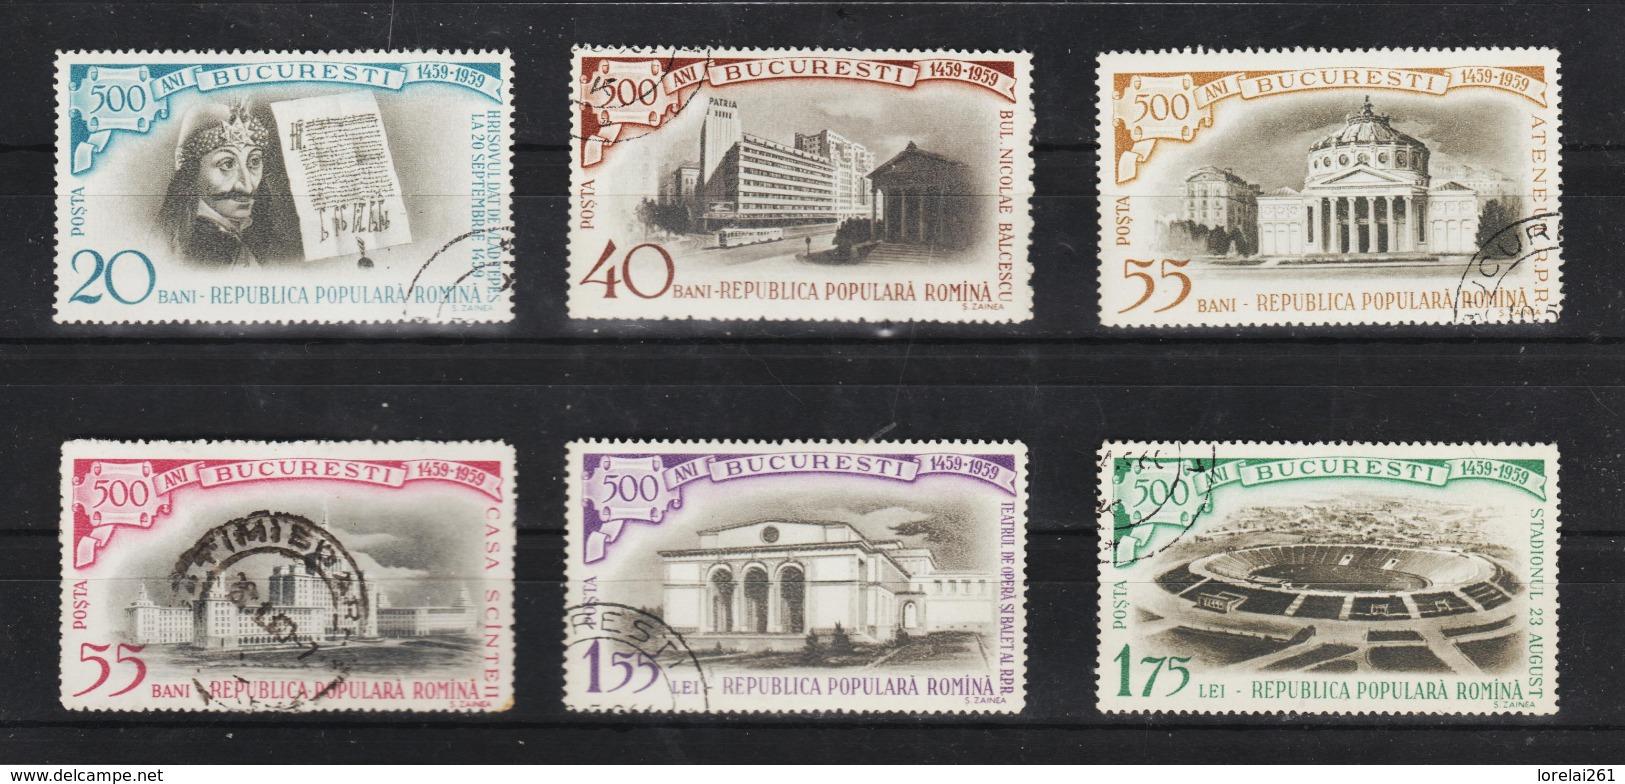 1959 - 5 Centenaire Du Bucarest   Mi No 1795/1800 Et Yv No 1637/1642 - 1948-.... Republiken